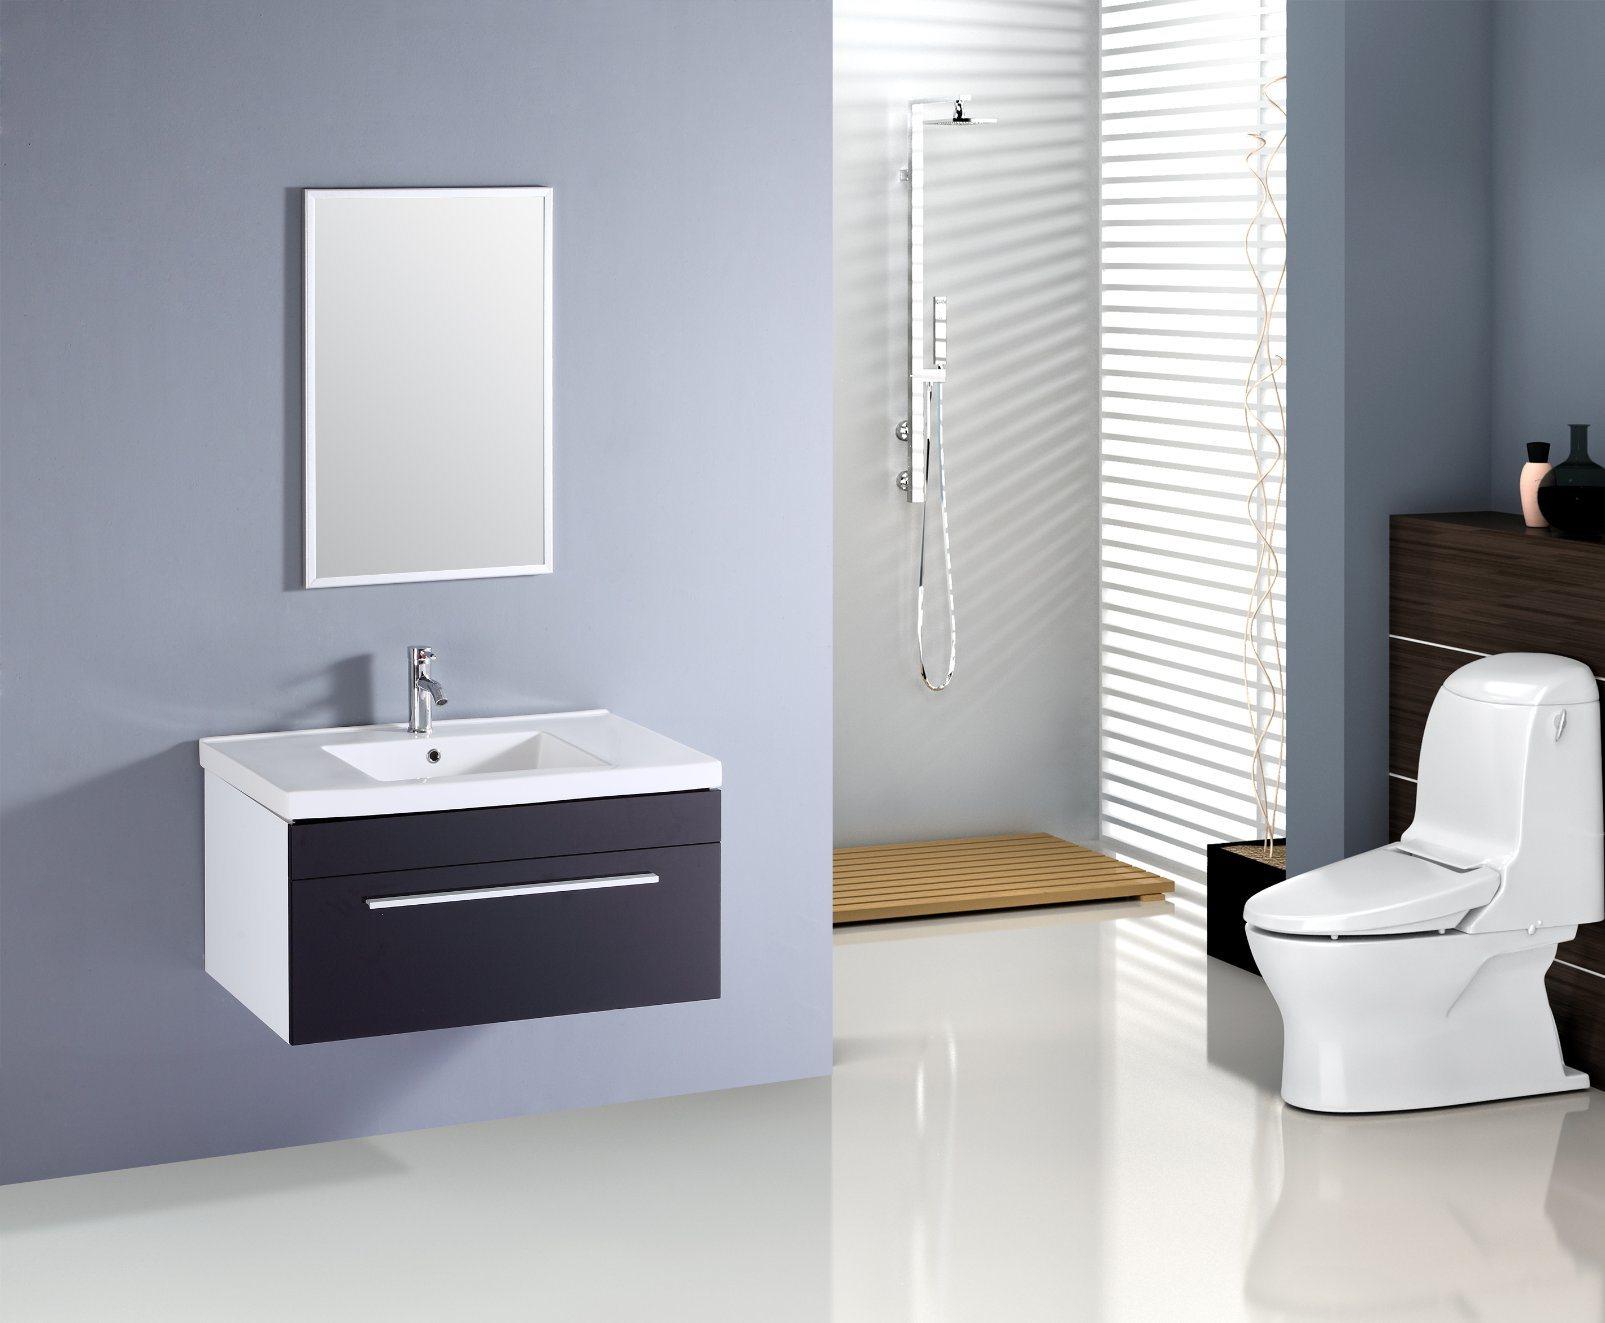 China modern furniture bathroom basin cabinet mdf sanitary ware china sanitary ware mdf sanitary ware